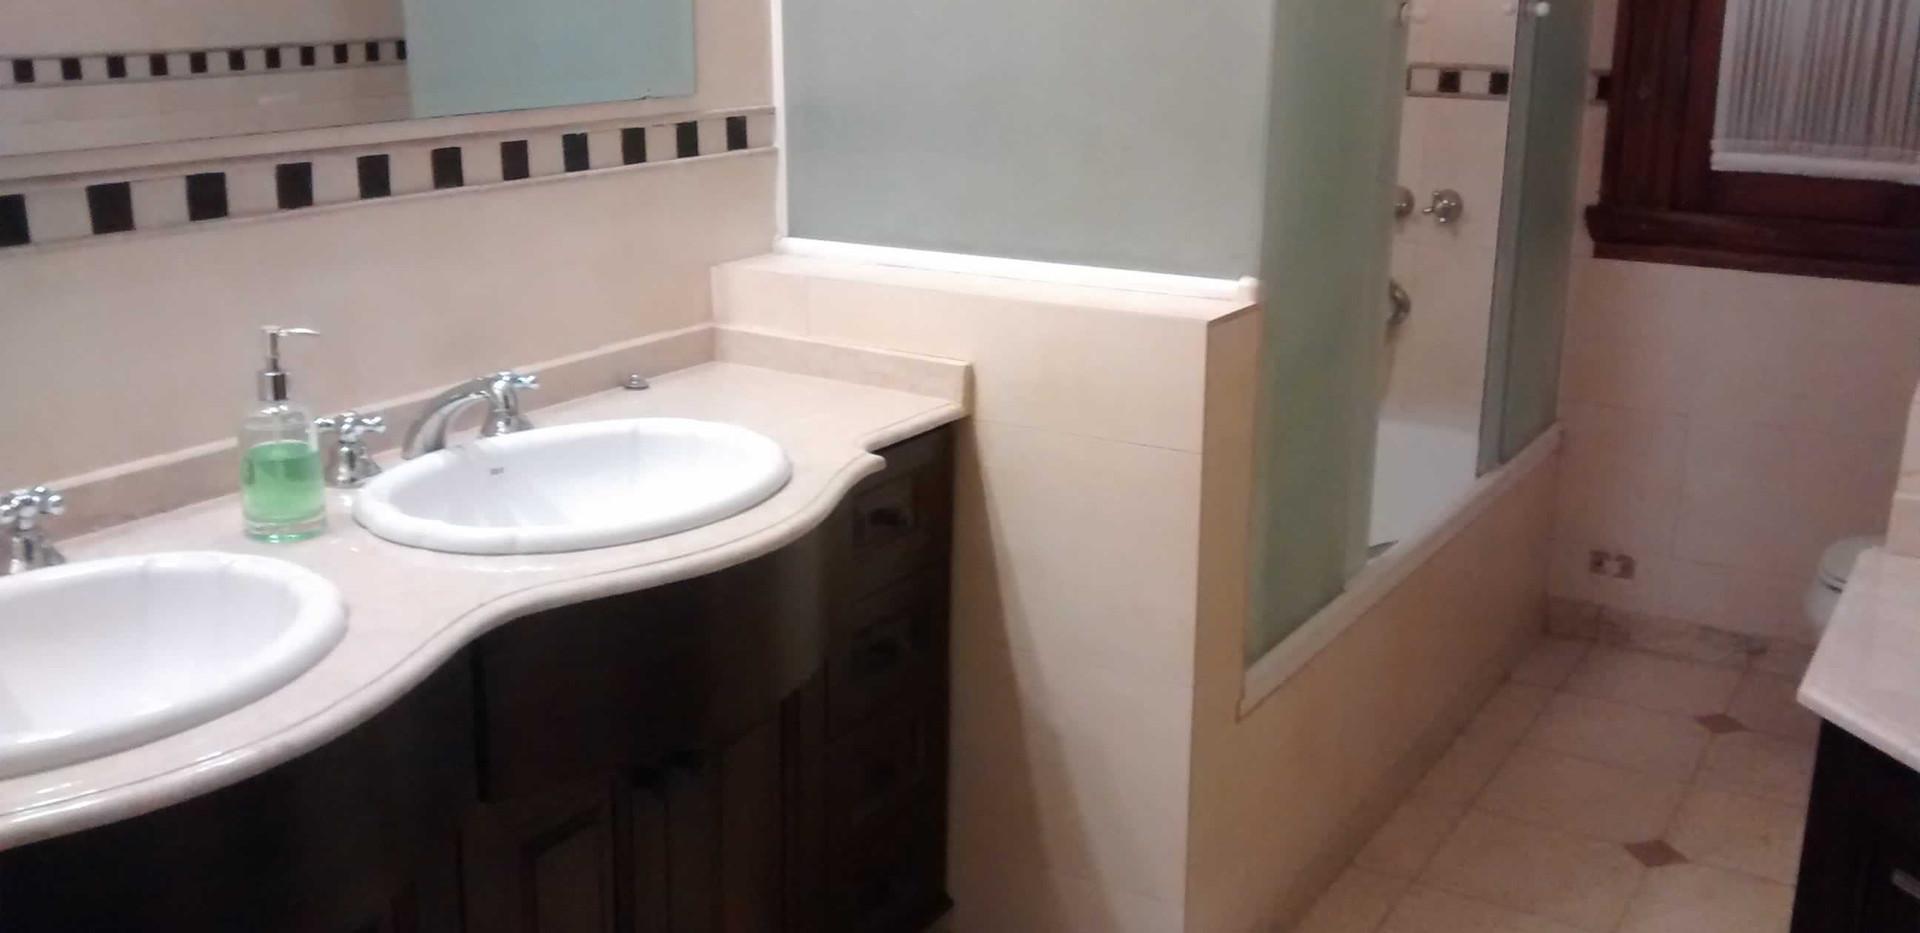 doble bacha baño